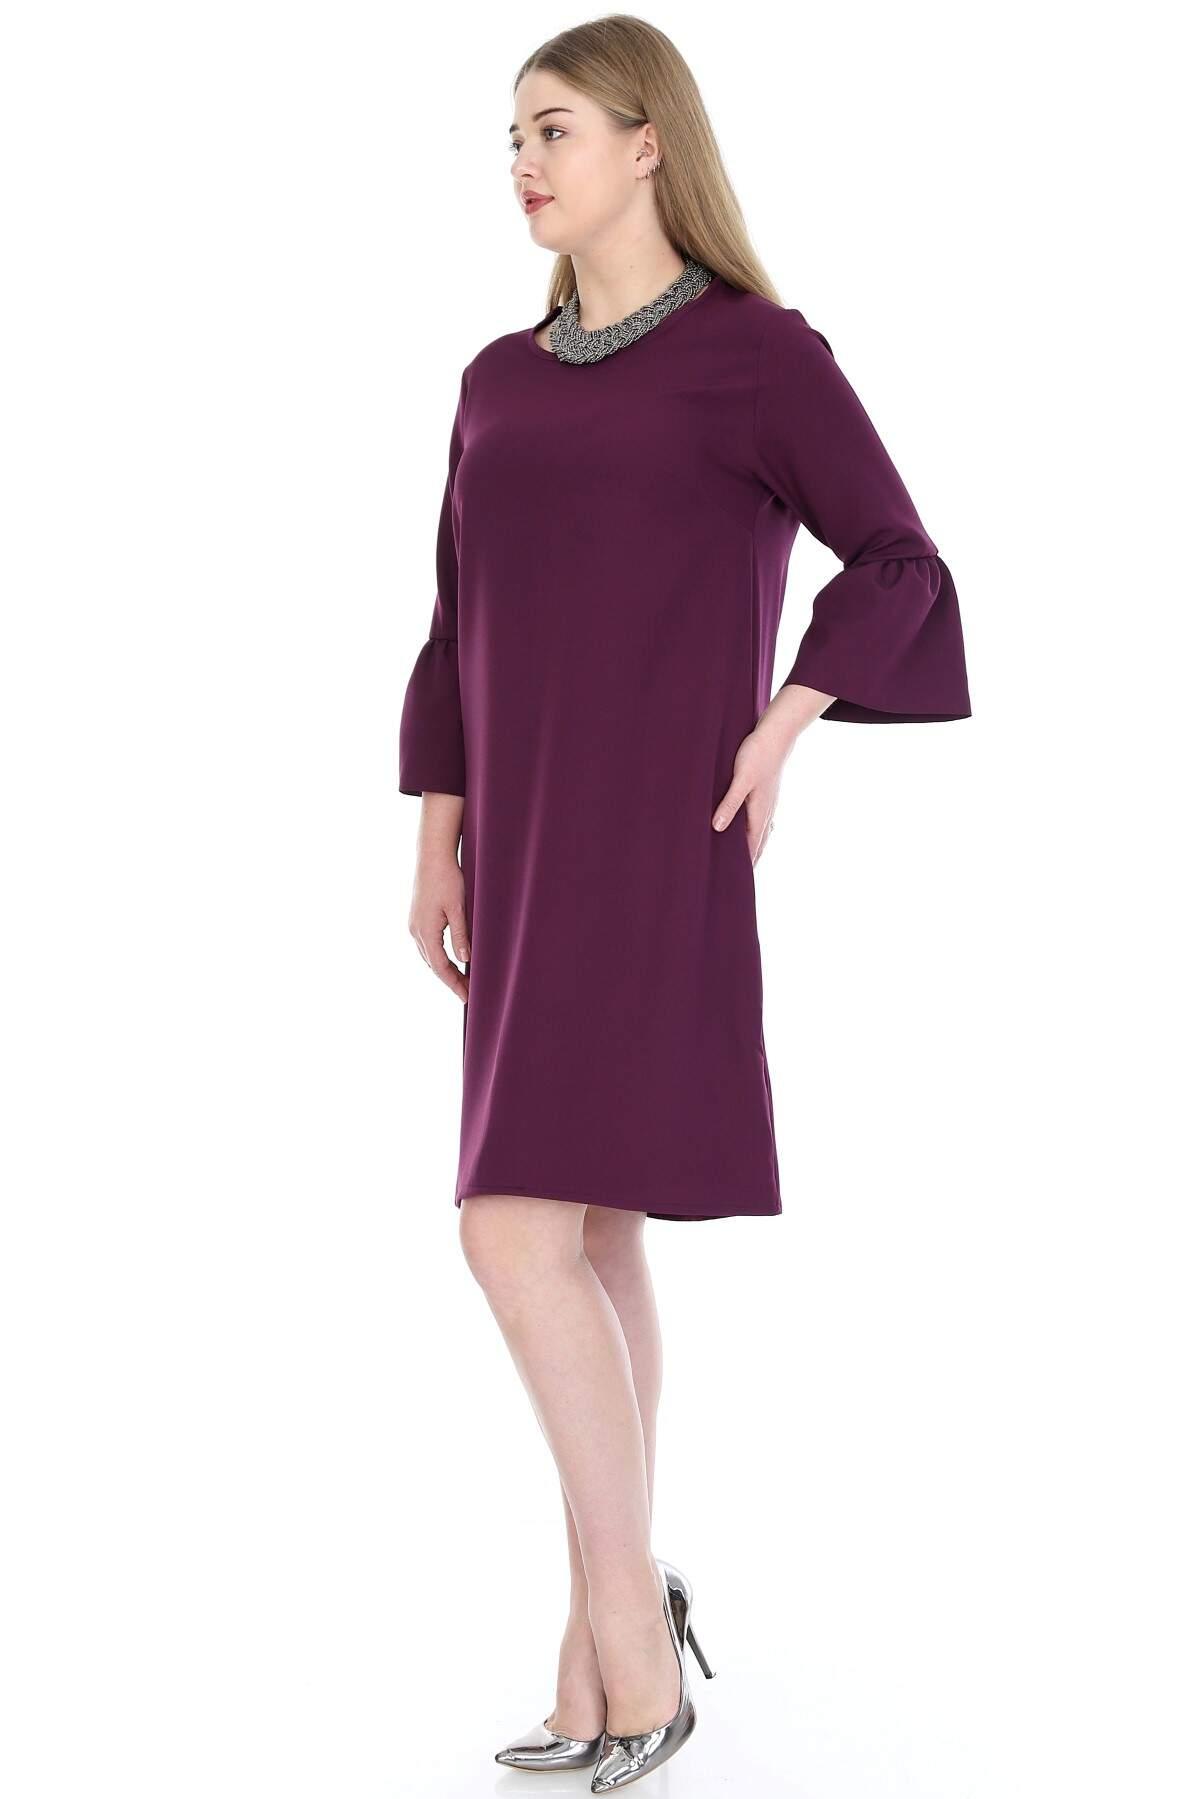 Büyük Beden Kampanyalı Elbise KL807mr